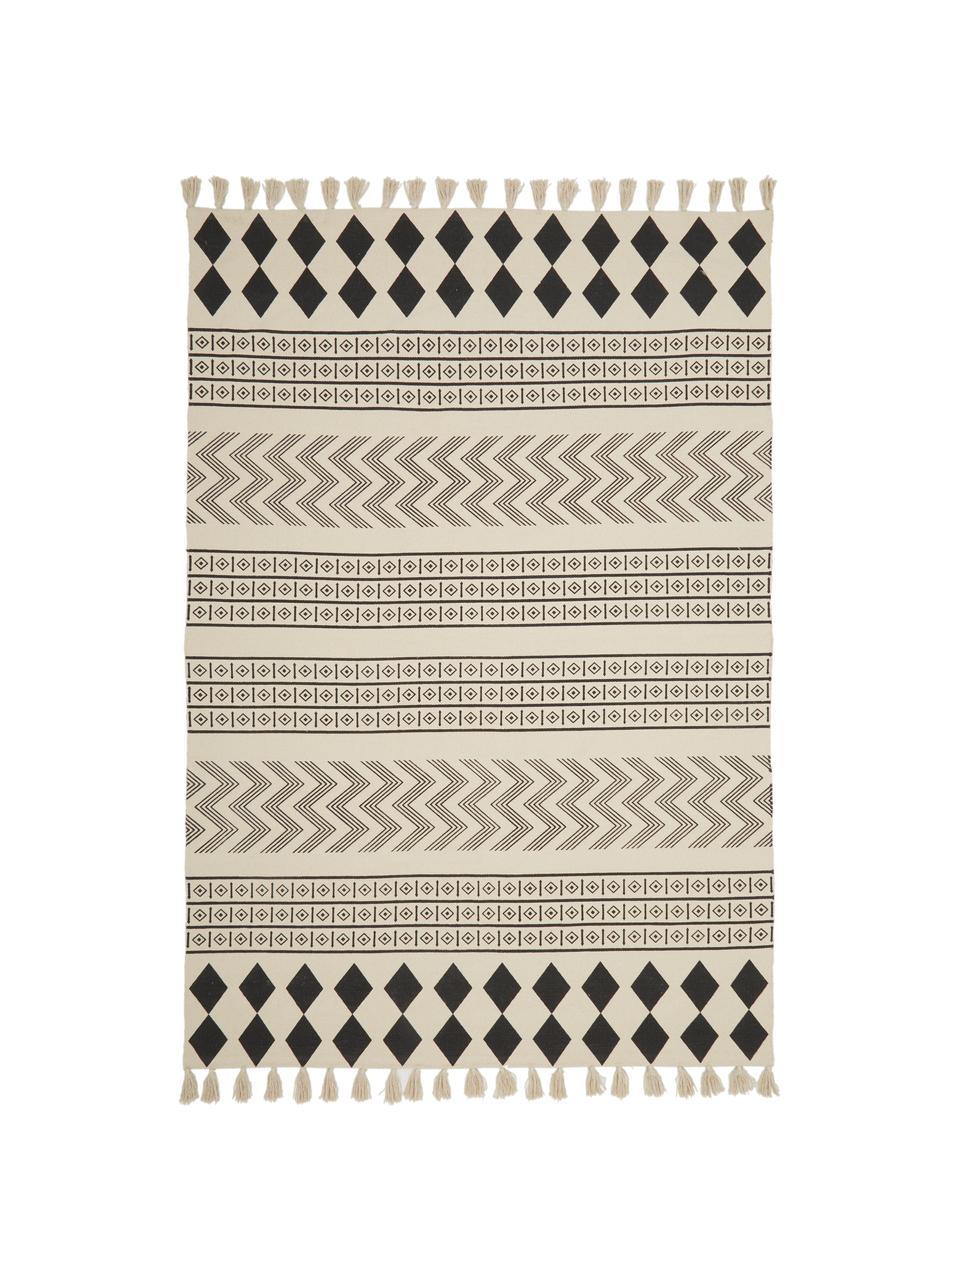 Handgeweven katoenen vloerkleed Edna in ethno stijl, 100% katoen, Crèmewit, zwart, 80 x 150 cm